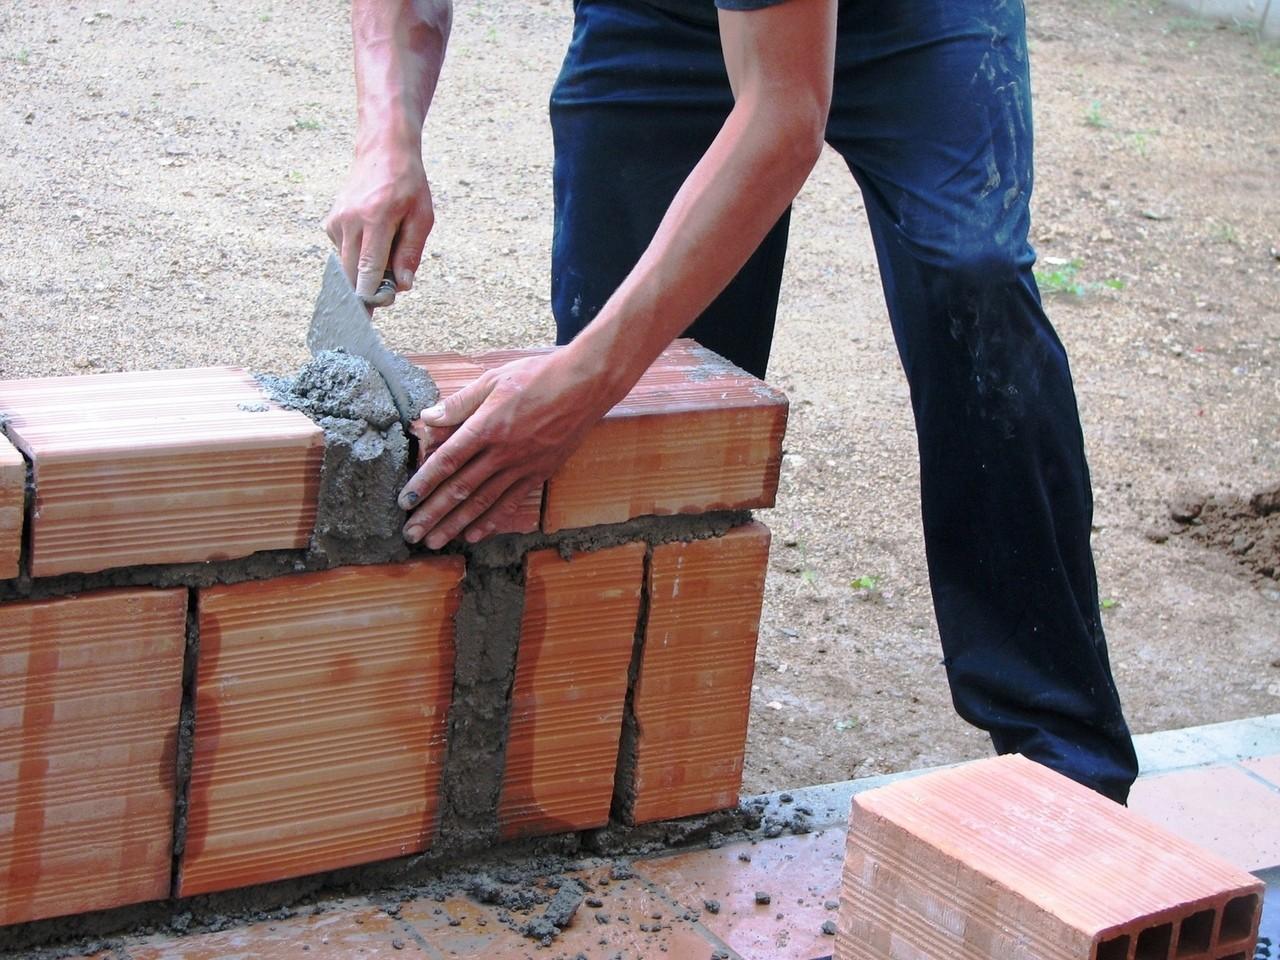 Firma budowlana może kupić materiały budowlane